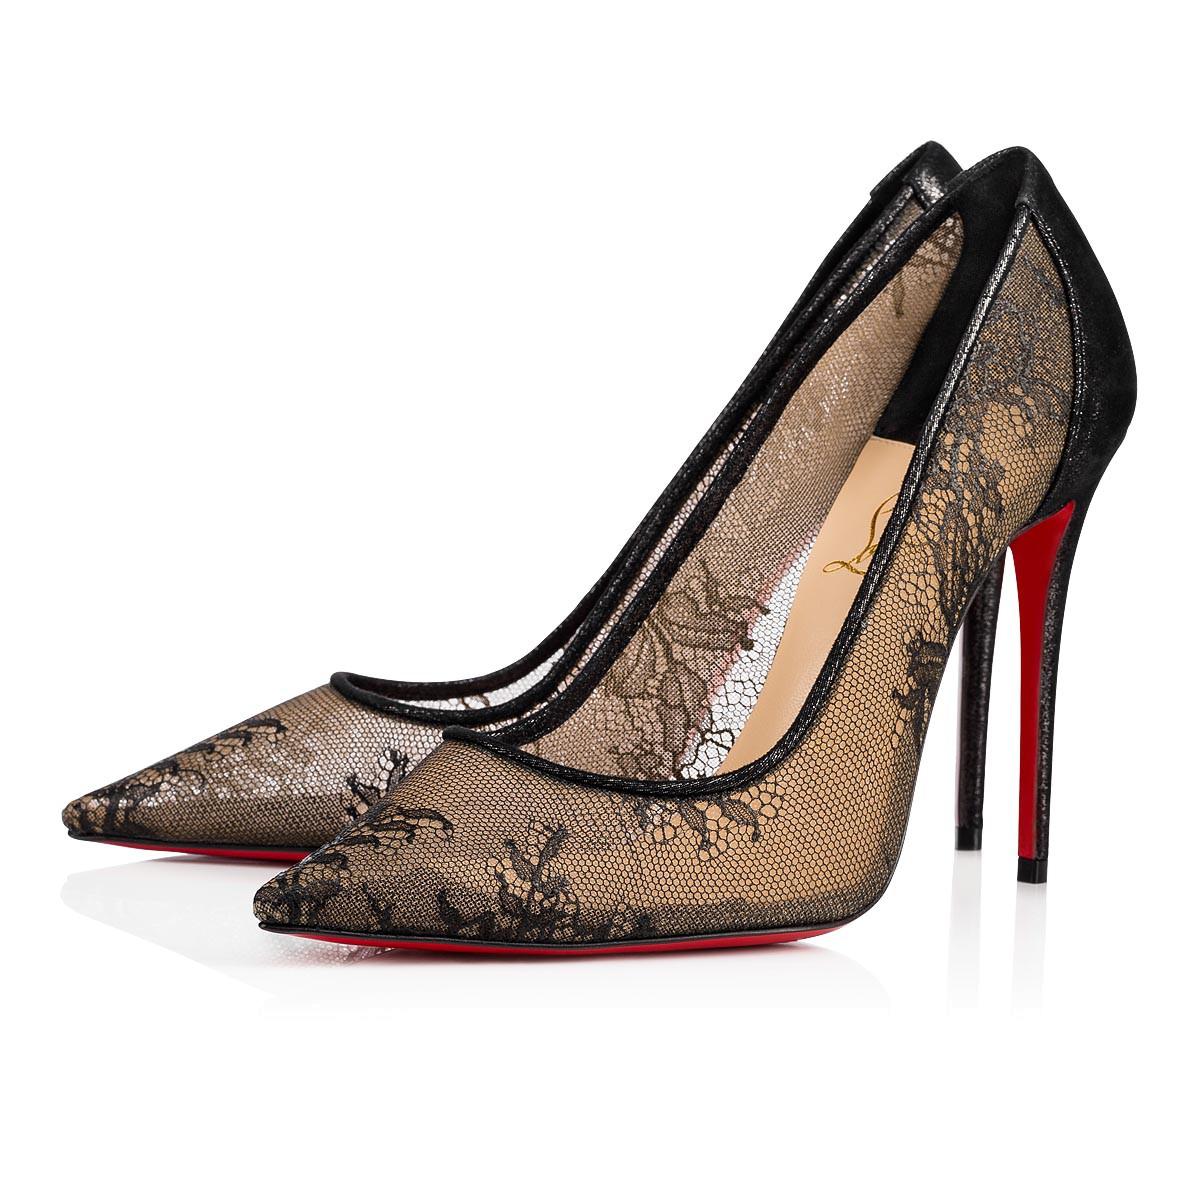 Women Shoes - Lace 554 - Christian Louboutin